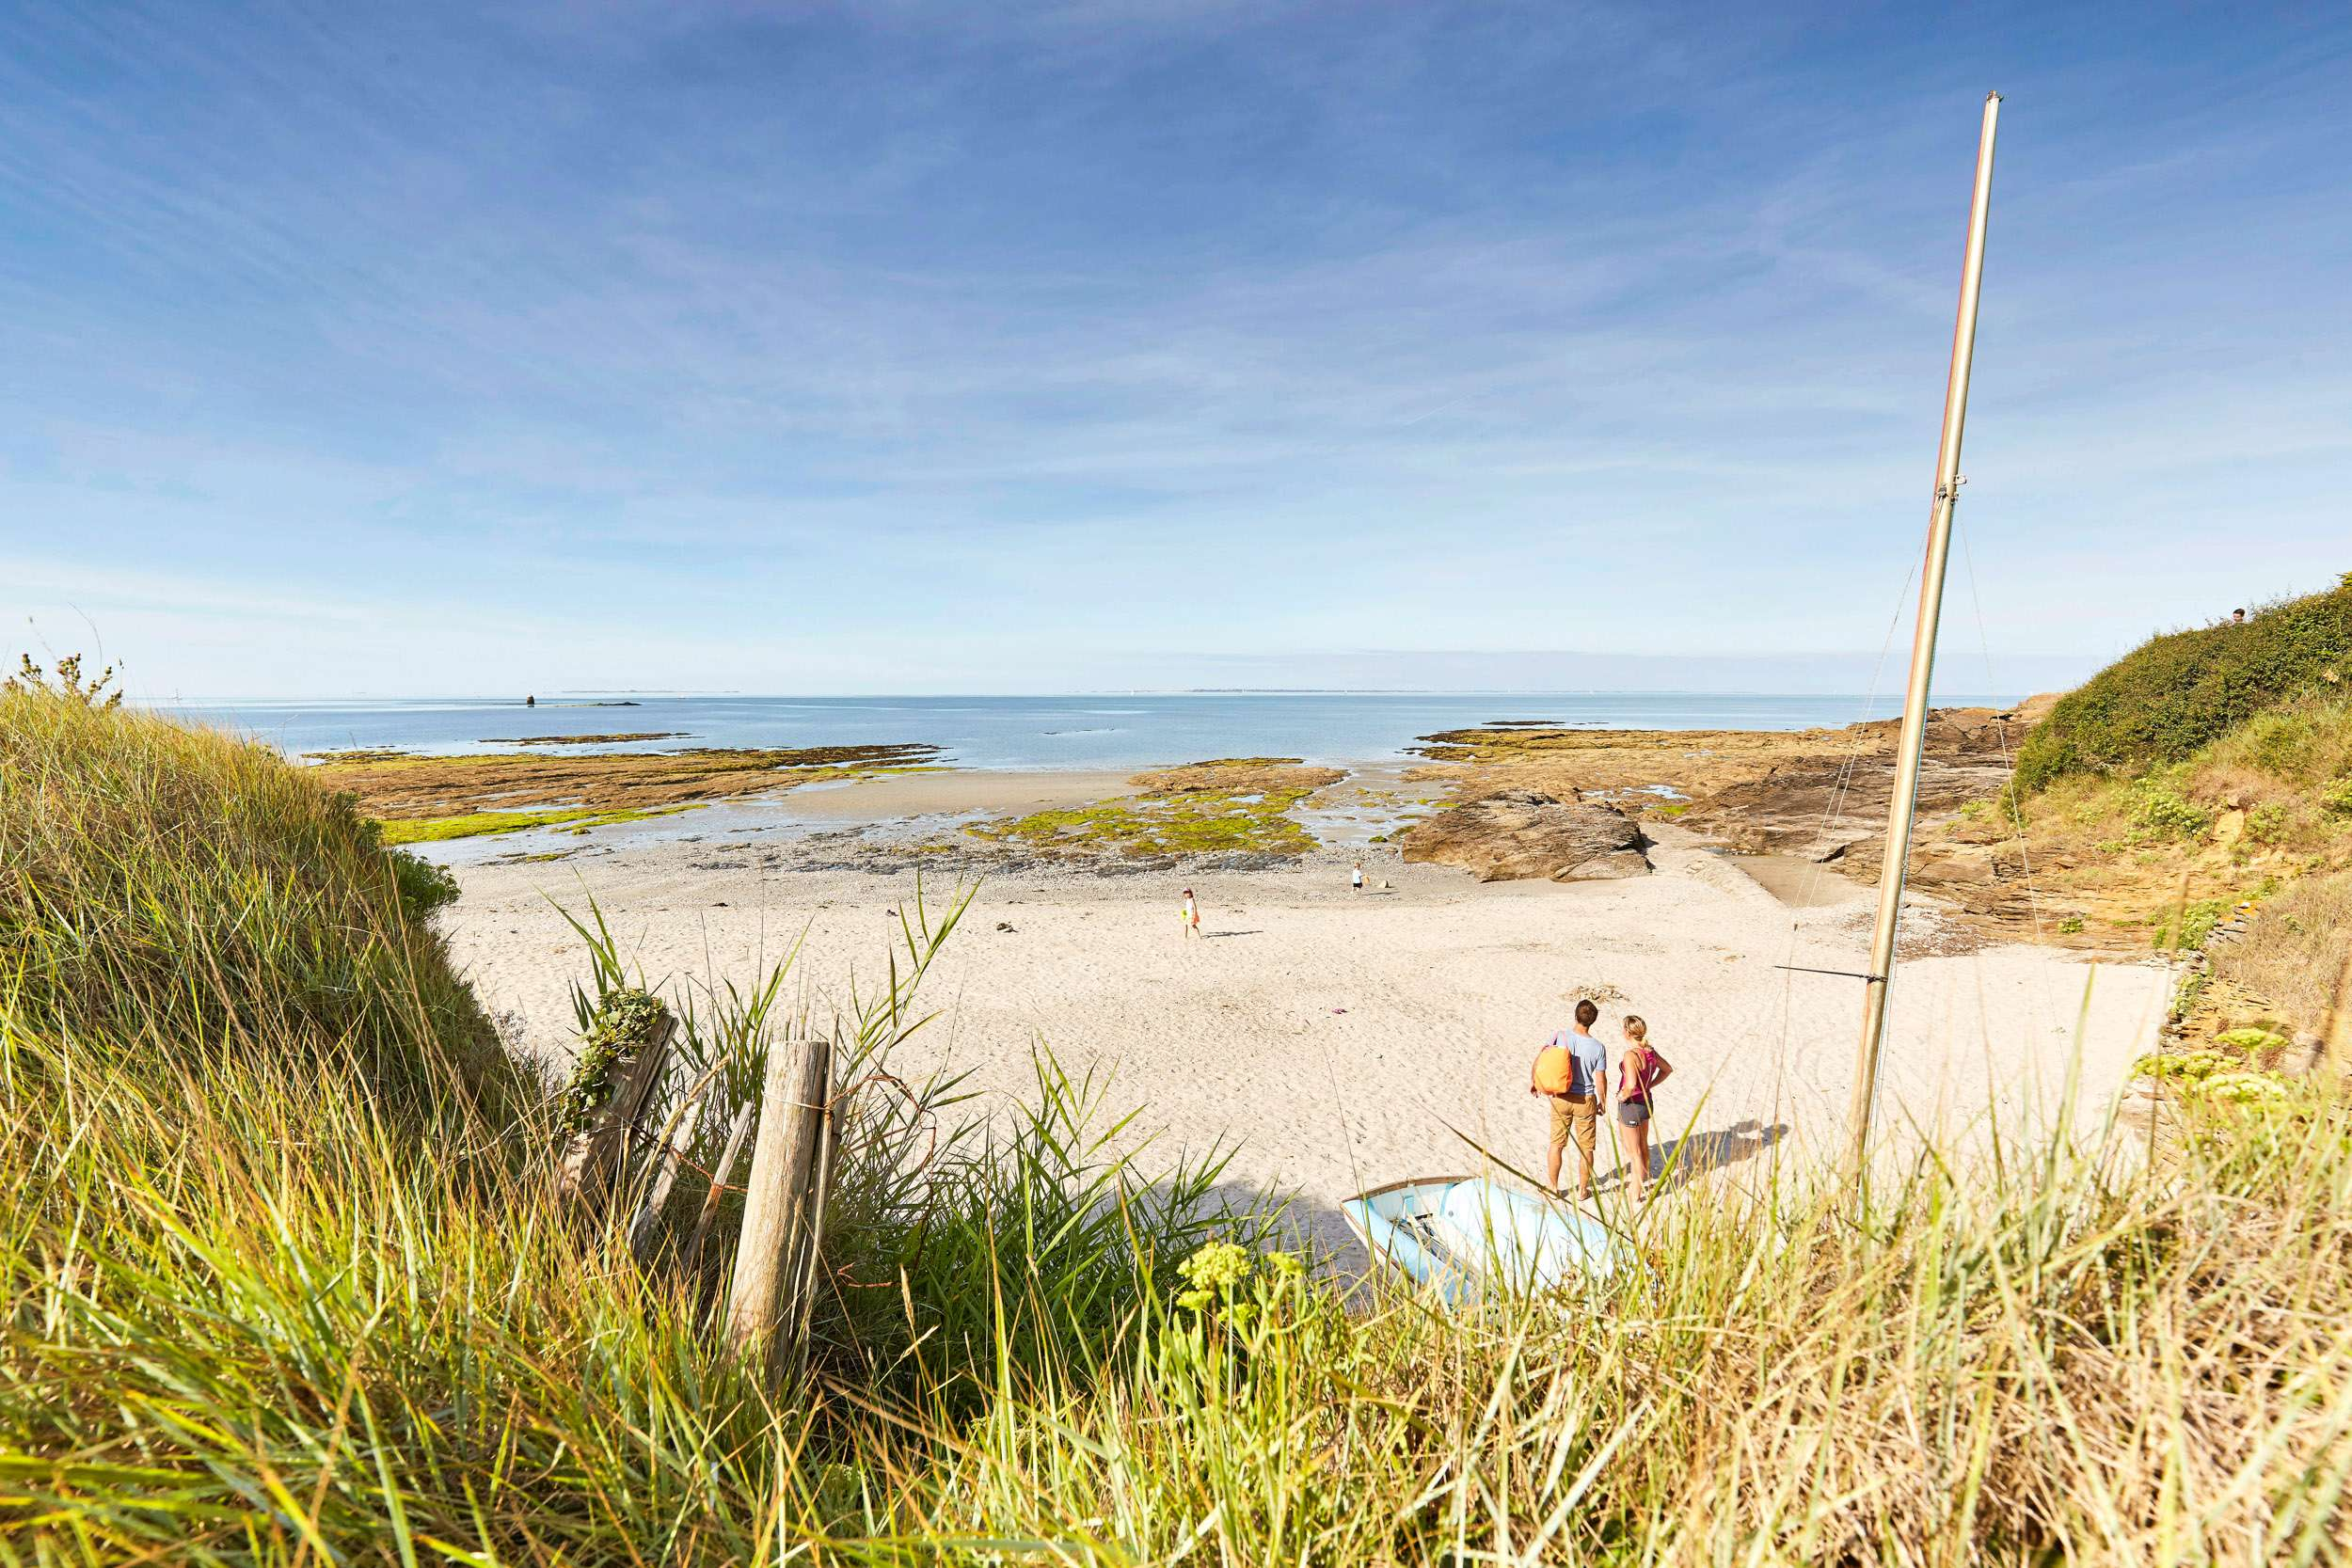 plage-de-Kercambre---Saint-Gildas-de-Rhuys---Presqule-de-Rhuys---Golfe-du-Morbihan0fr